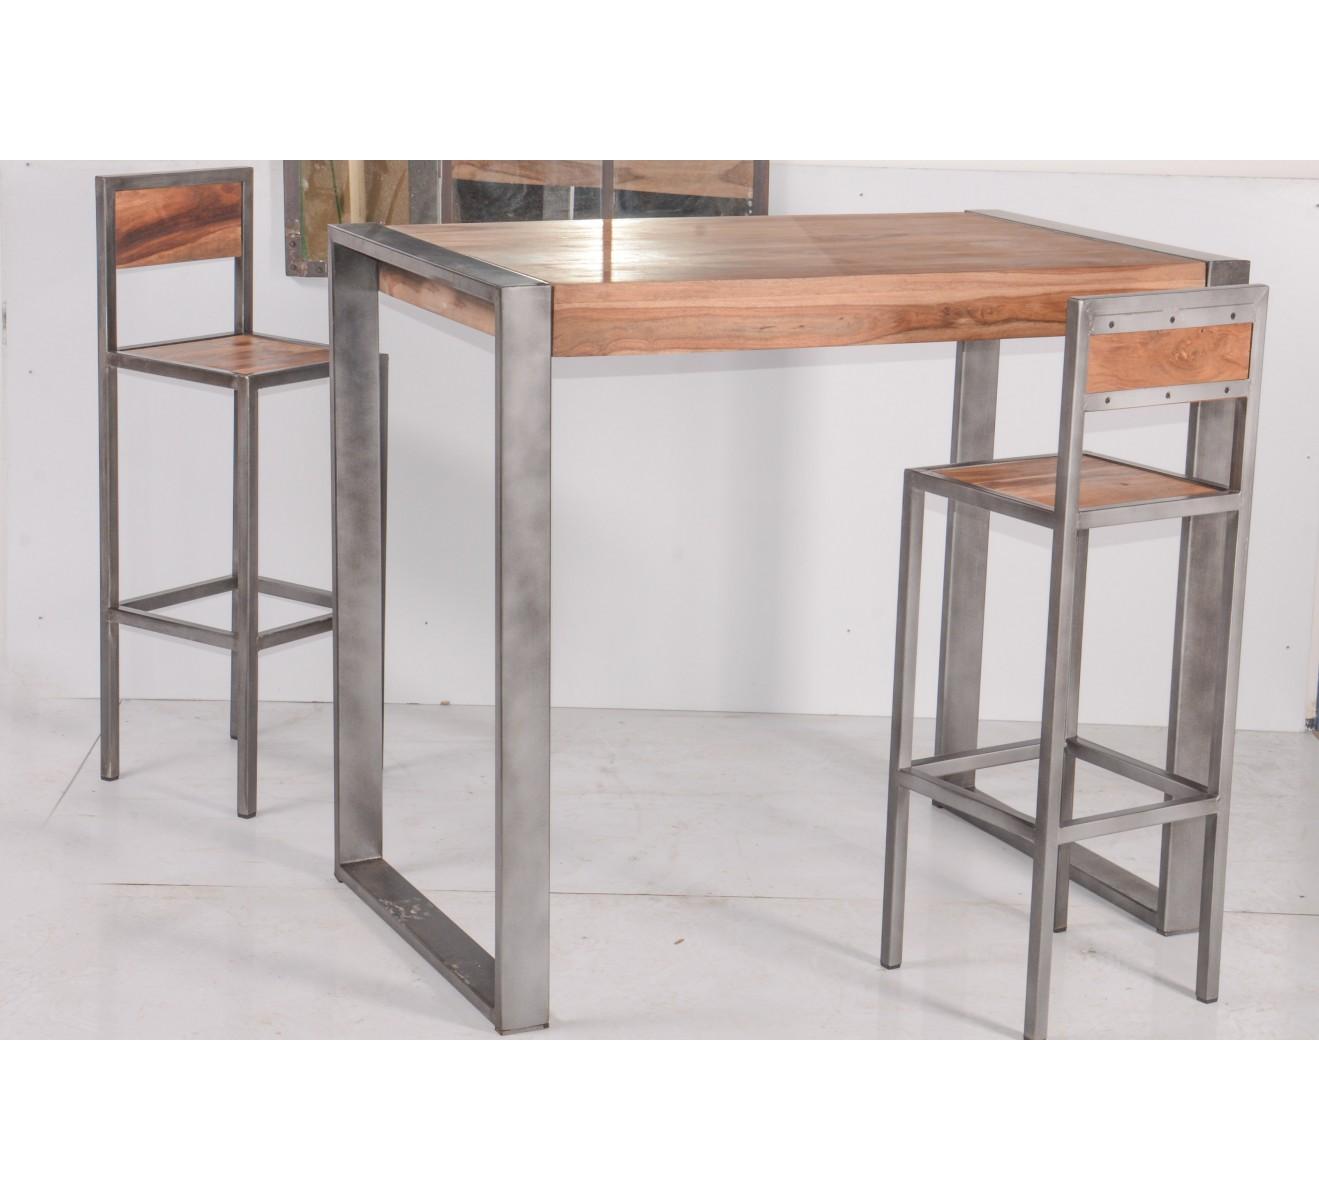 Table basse qui se transforme en table haute mobilier for Table qui se transforme en etagere